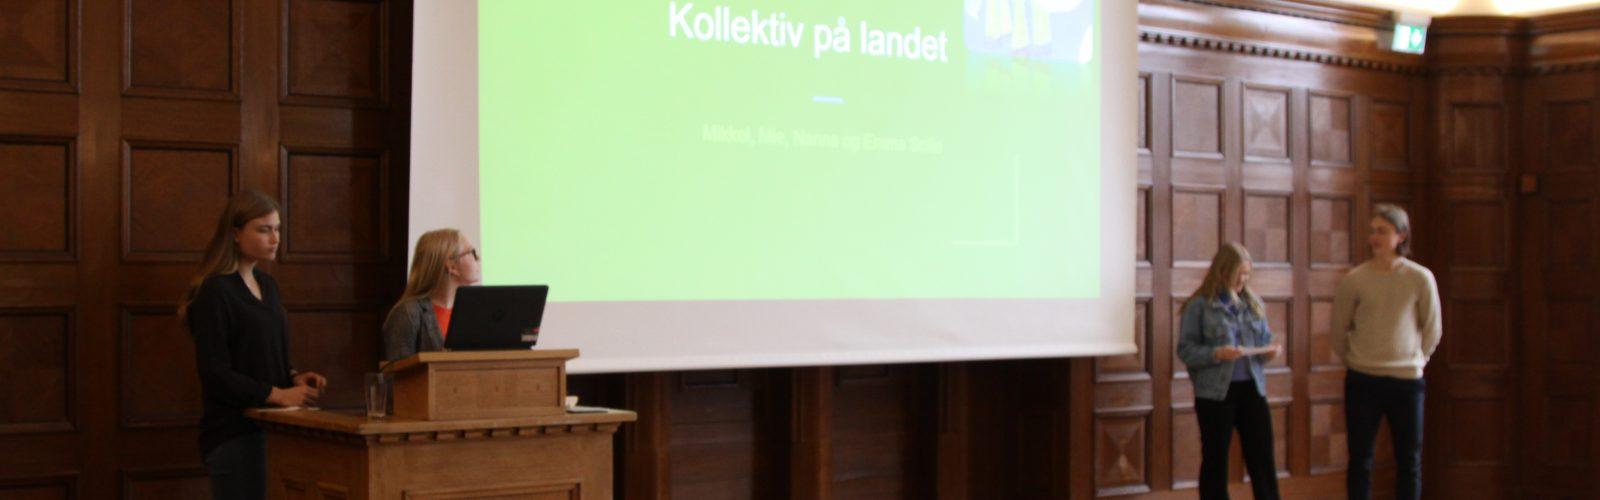 Det Blå Gymnasium vinder guld i samfundscup´en 2018